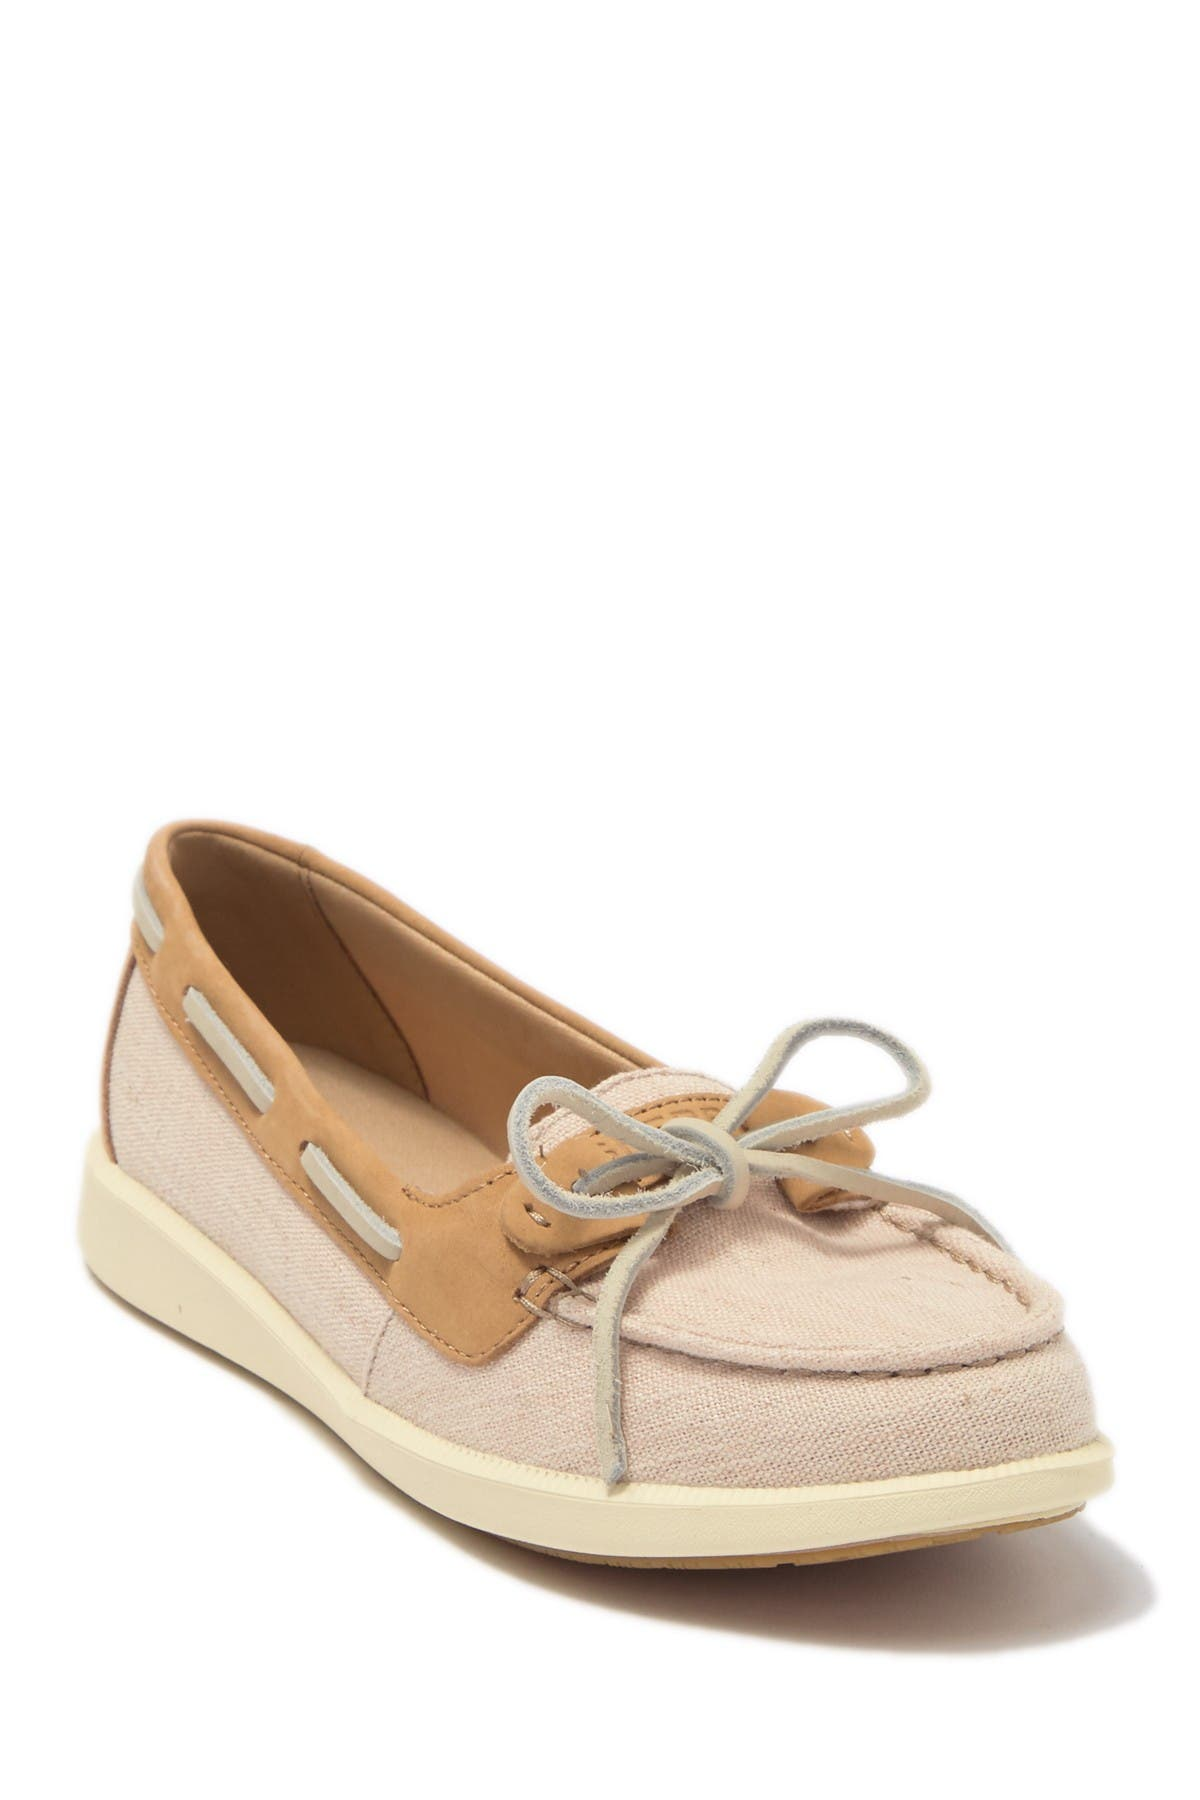 Sperry | Oasis Loft Boat Shoe